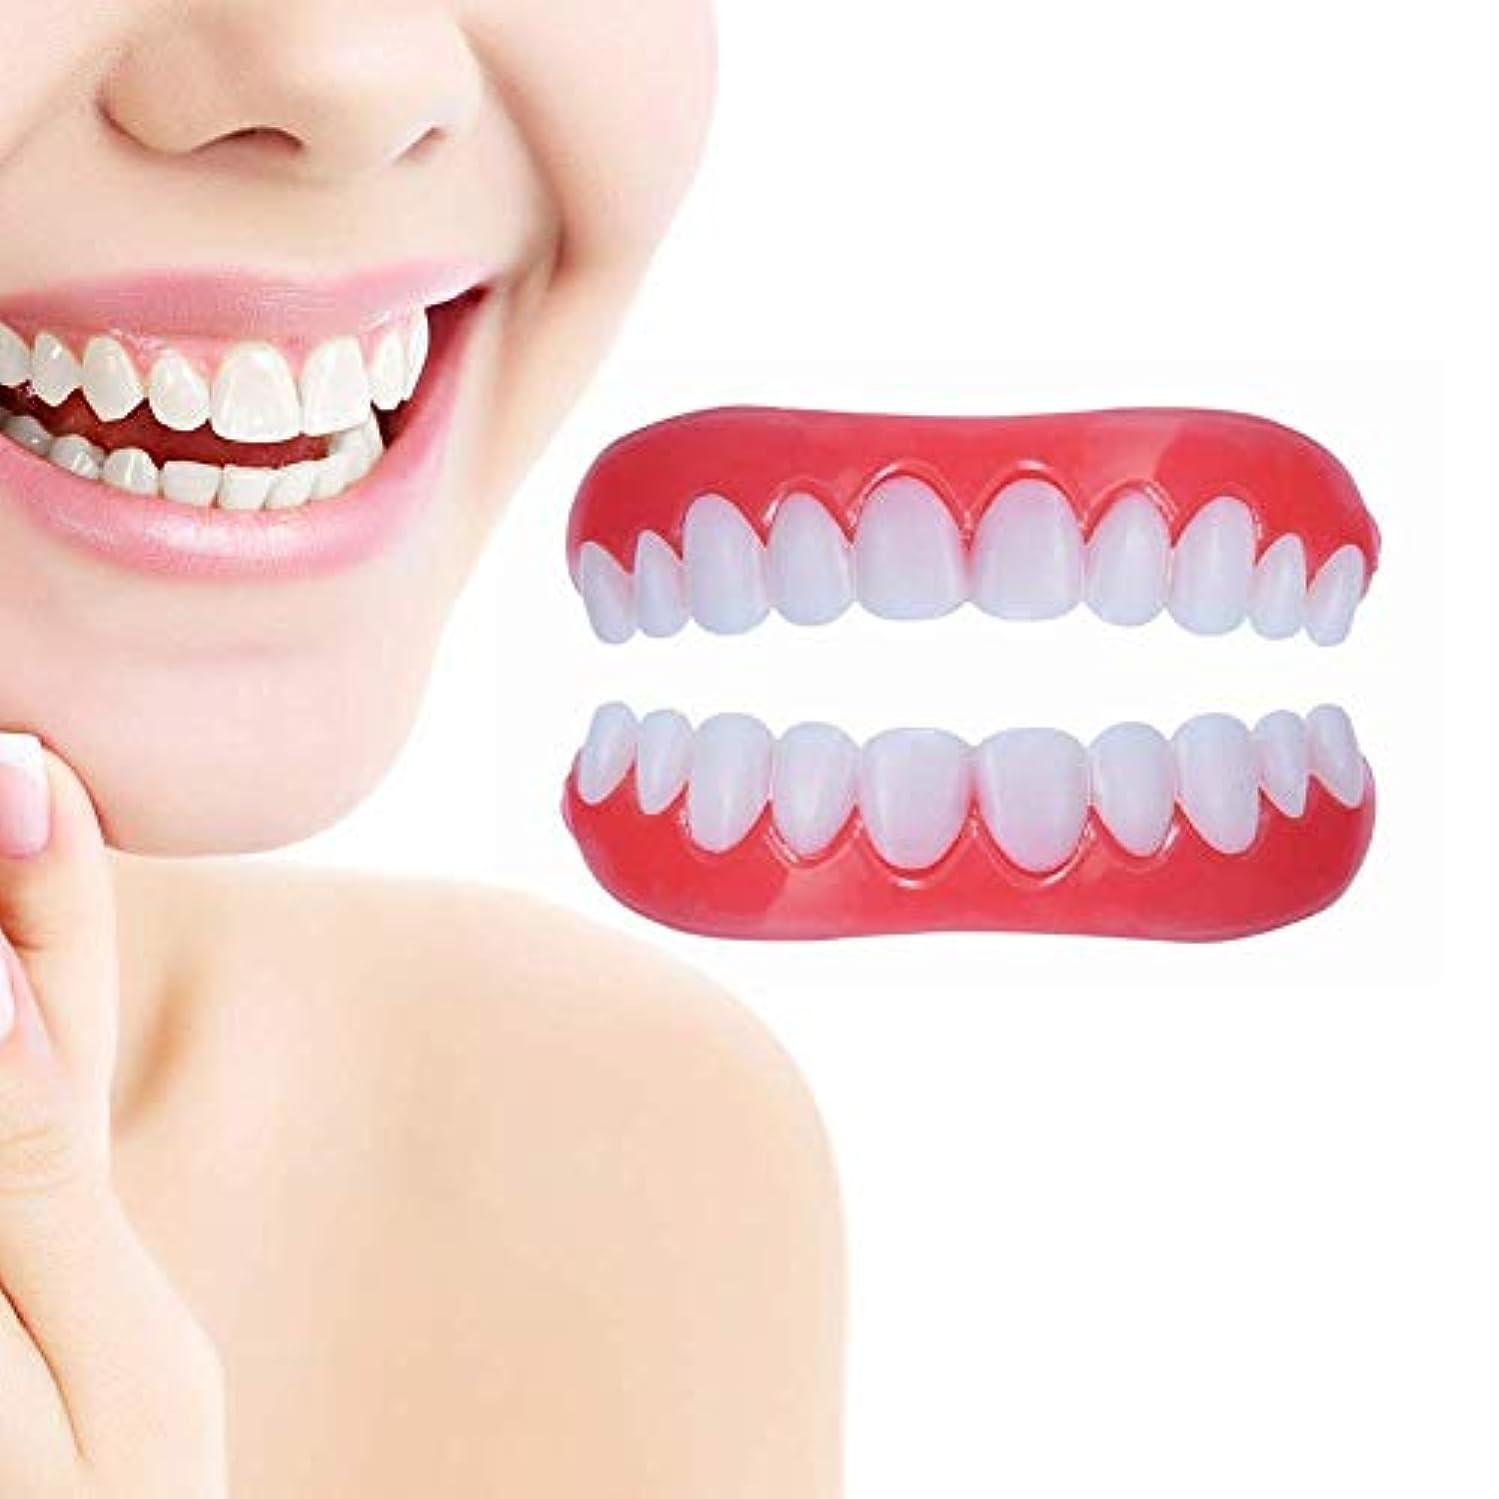 渦ファブリックどういたしまして仮装用義歯義歯用化粧品シミュレートされたブレース上部ブレース+下部ブレース、ホワイトニング歯スナップキャップ,5pairs